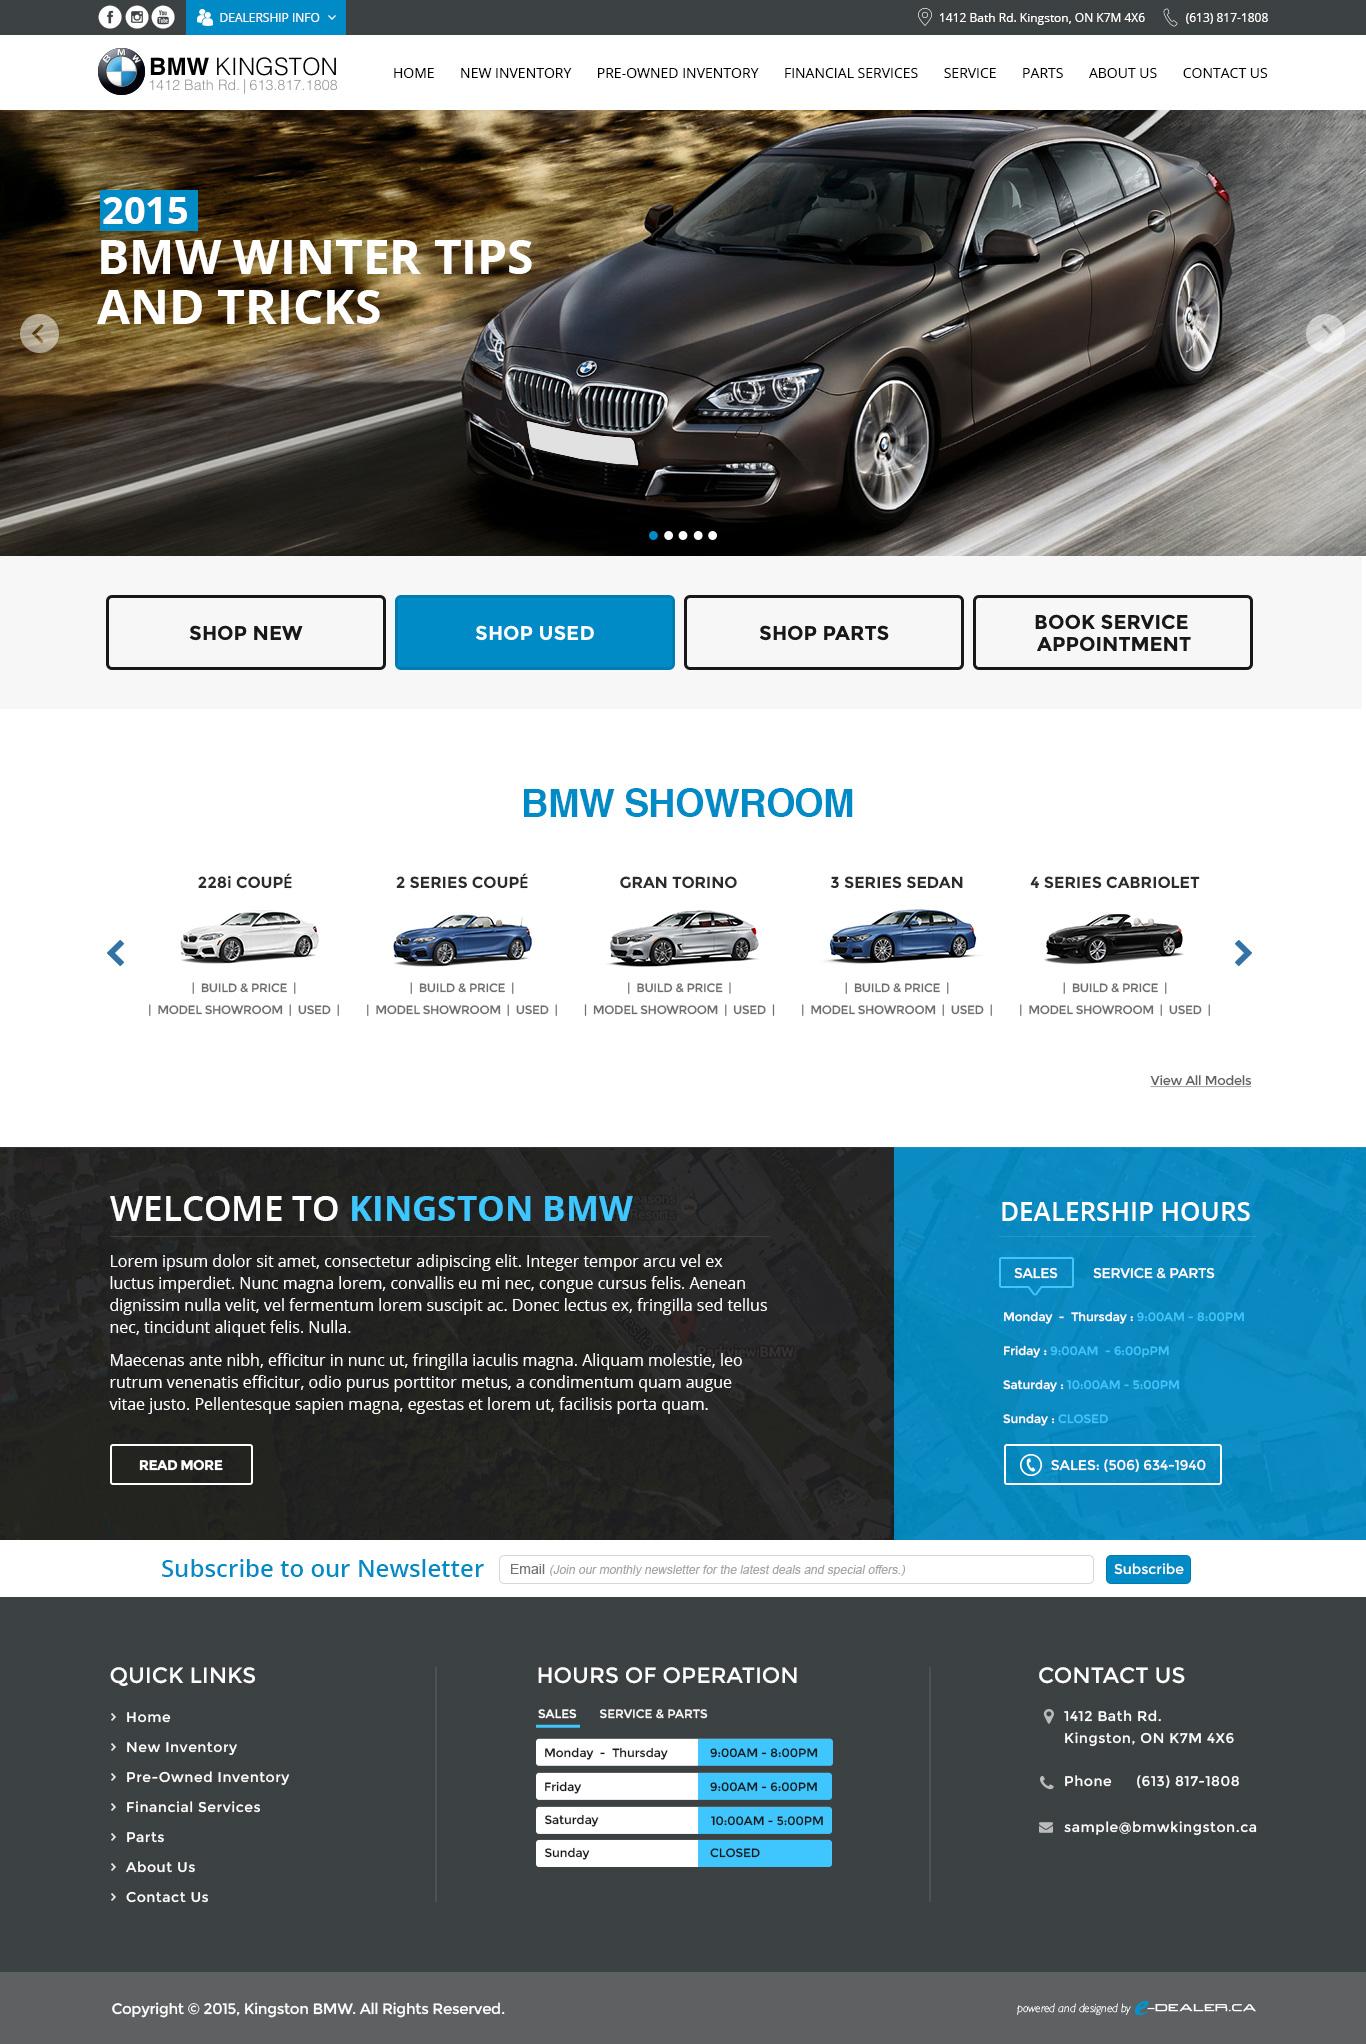 BMW-Kingston-Home-Desktop-2